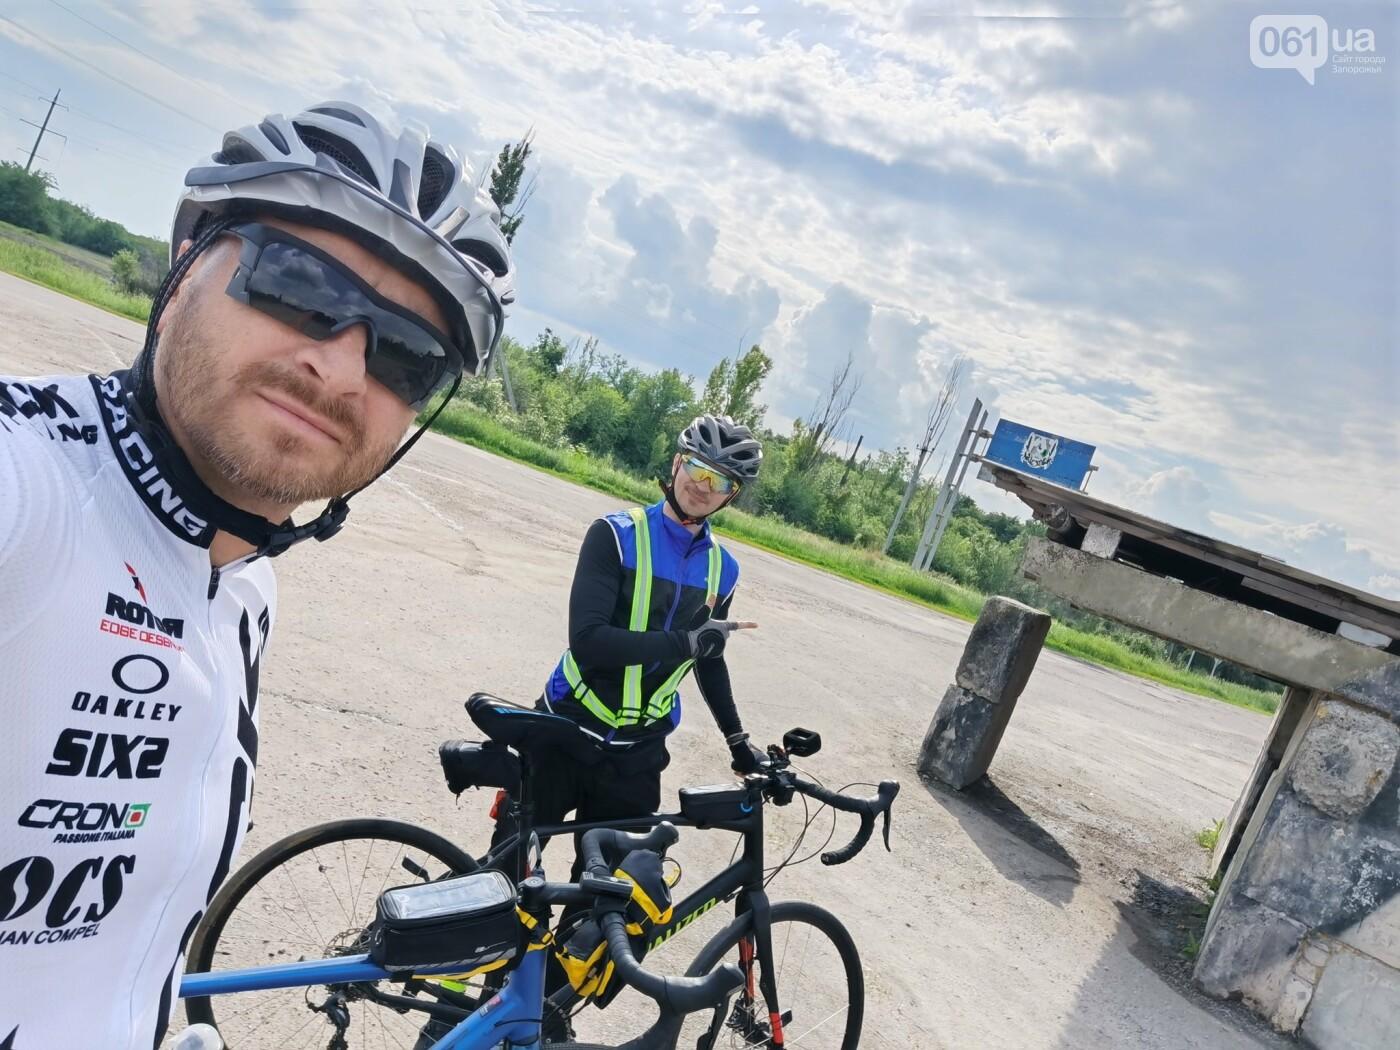 Фронтмен группы СКАЙ проедет на велосипеде через всю Украину - когда он будет в Запорожье , фото-4